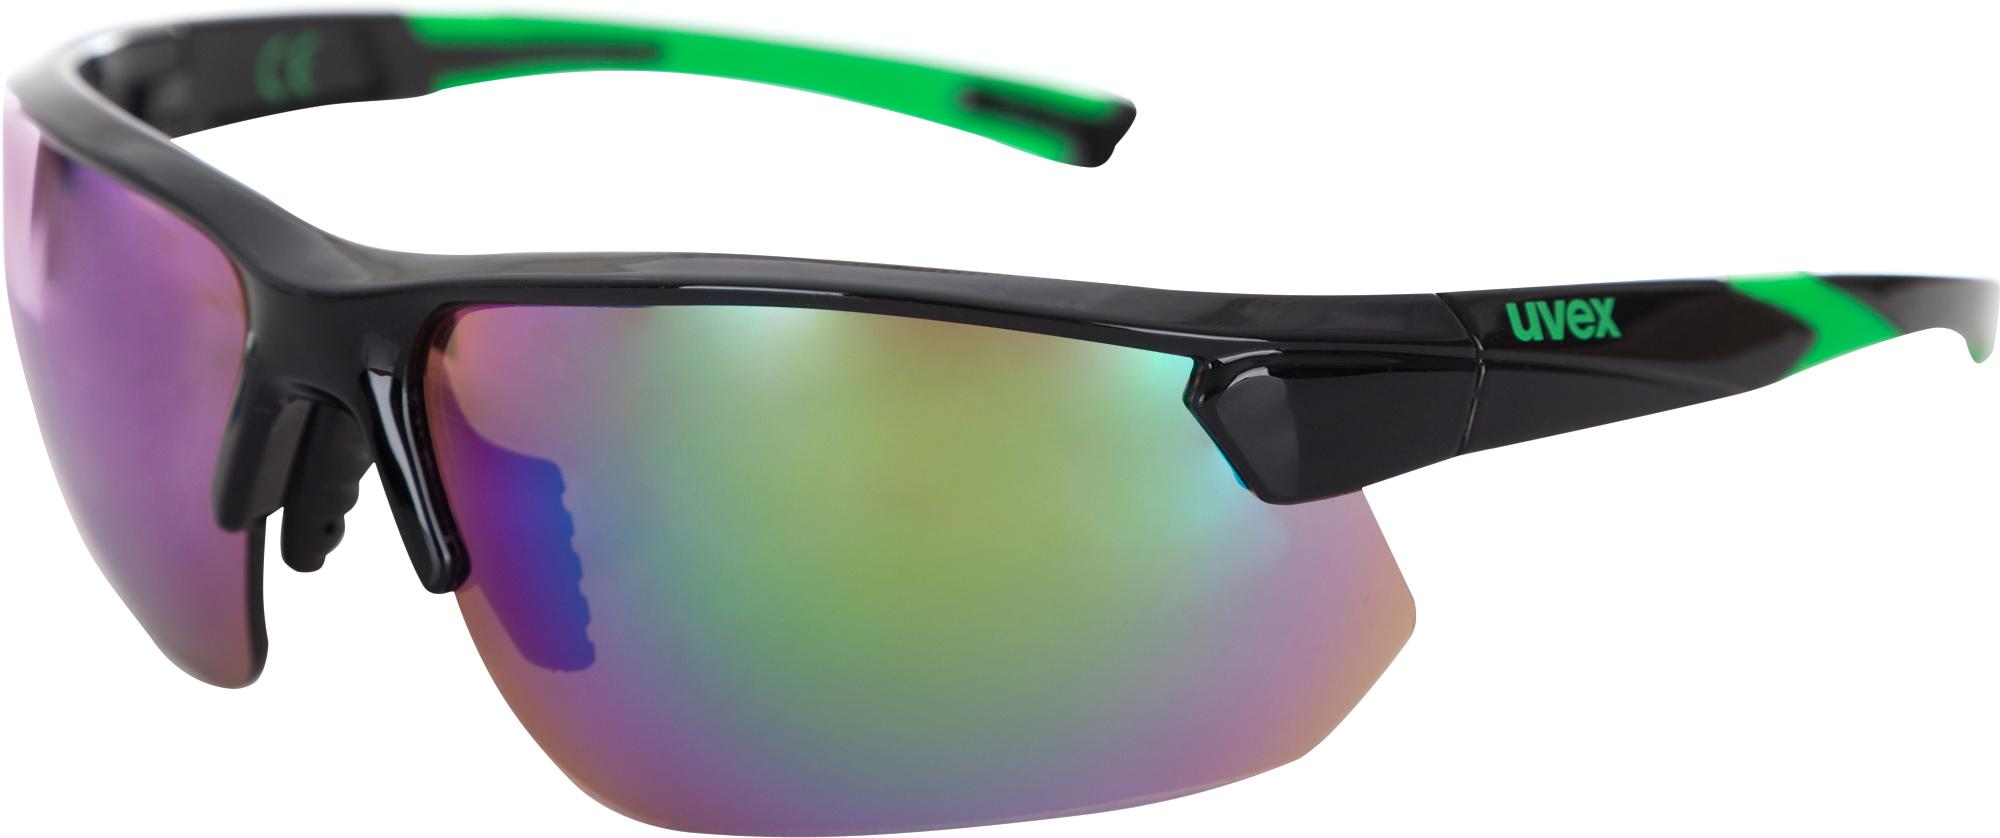 Uvex Солнцезащитные очки Uvex Sportstyle 221 массажер с лампой инфракрасного излучения nozomi mh 102